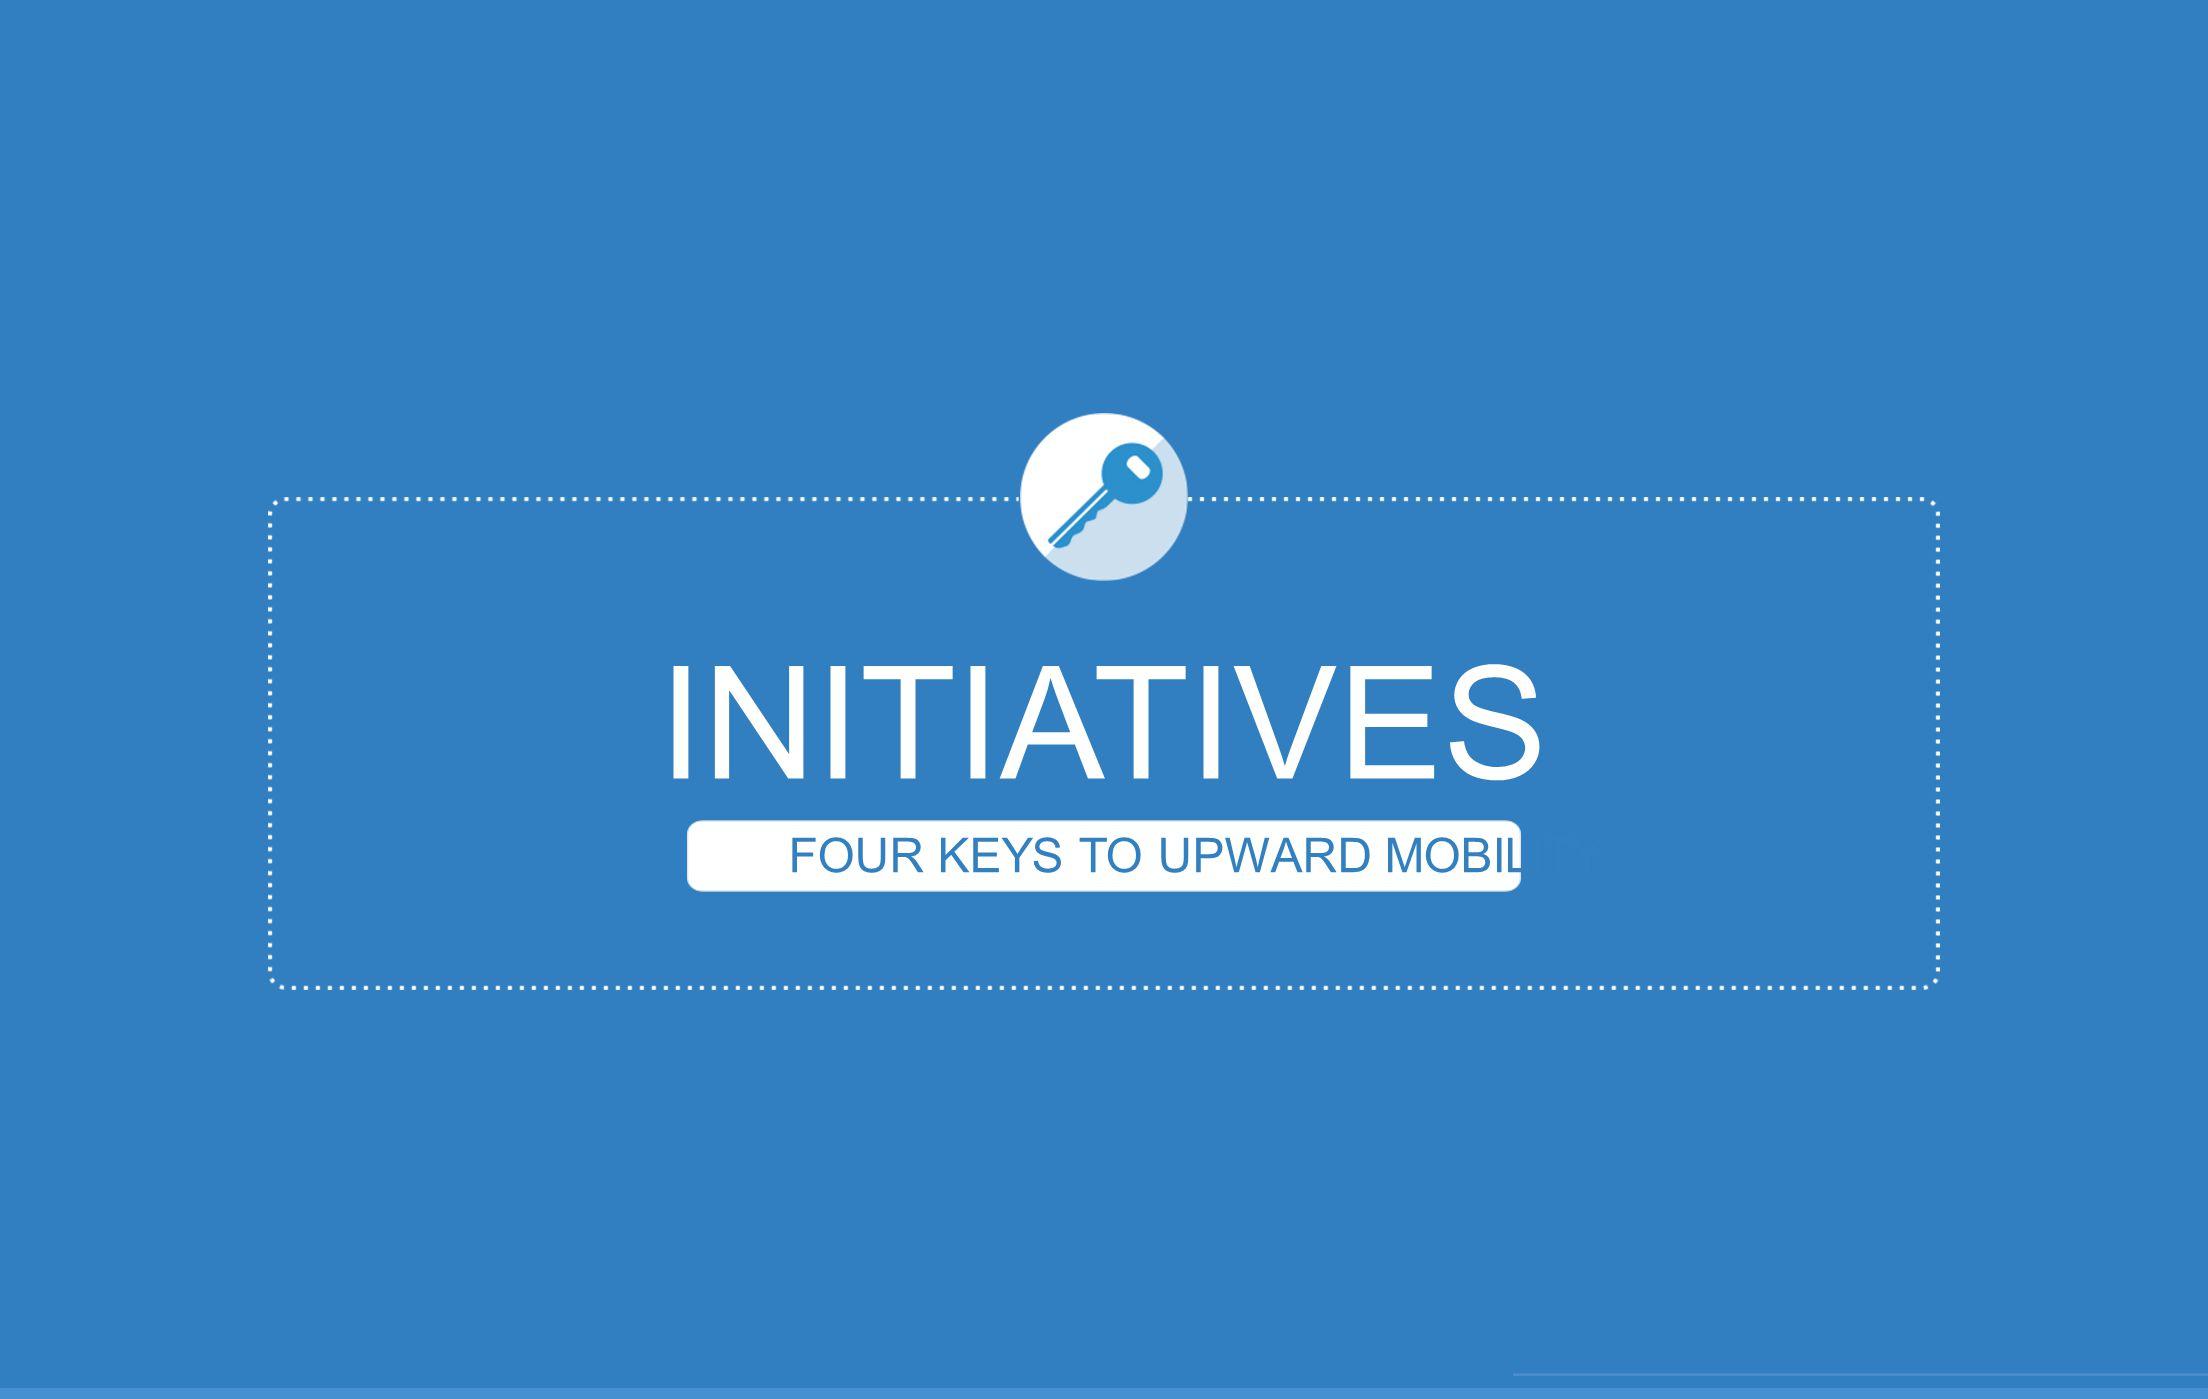 INITIATIVES FOUR KEYS TO UPWARD MOBILITY